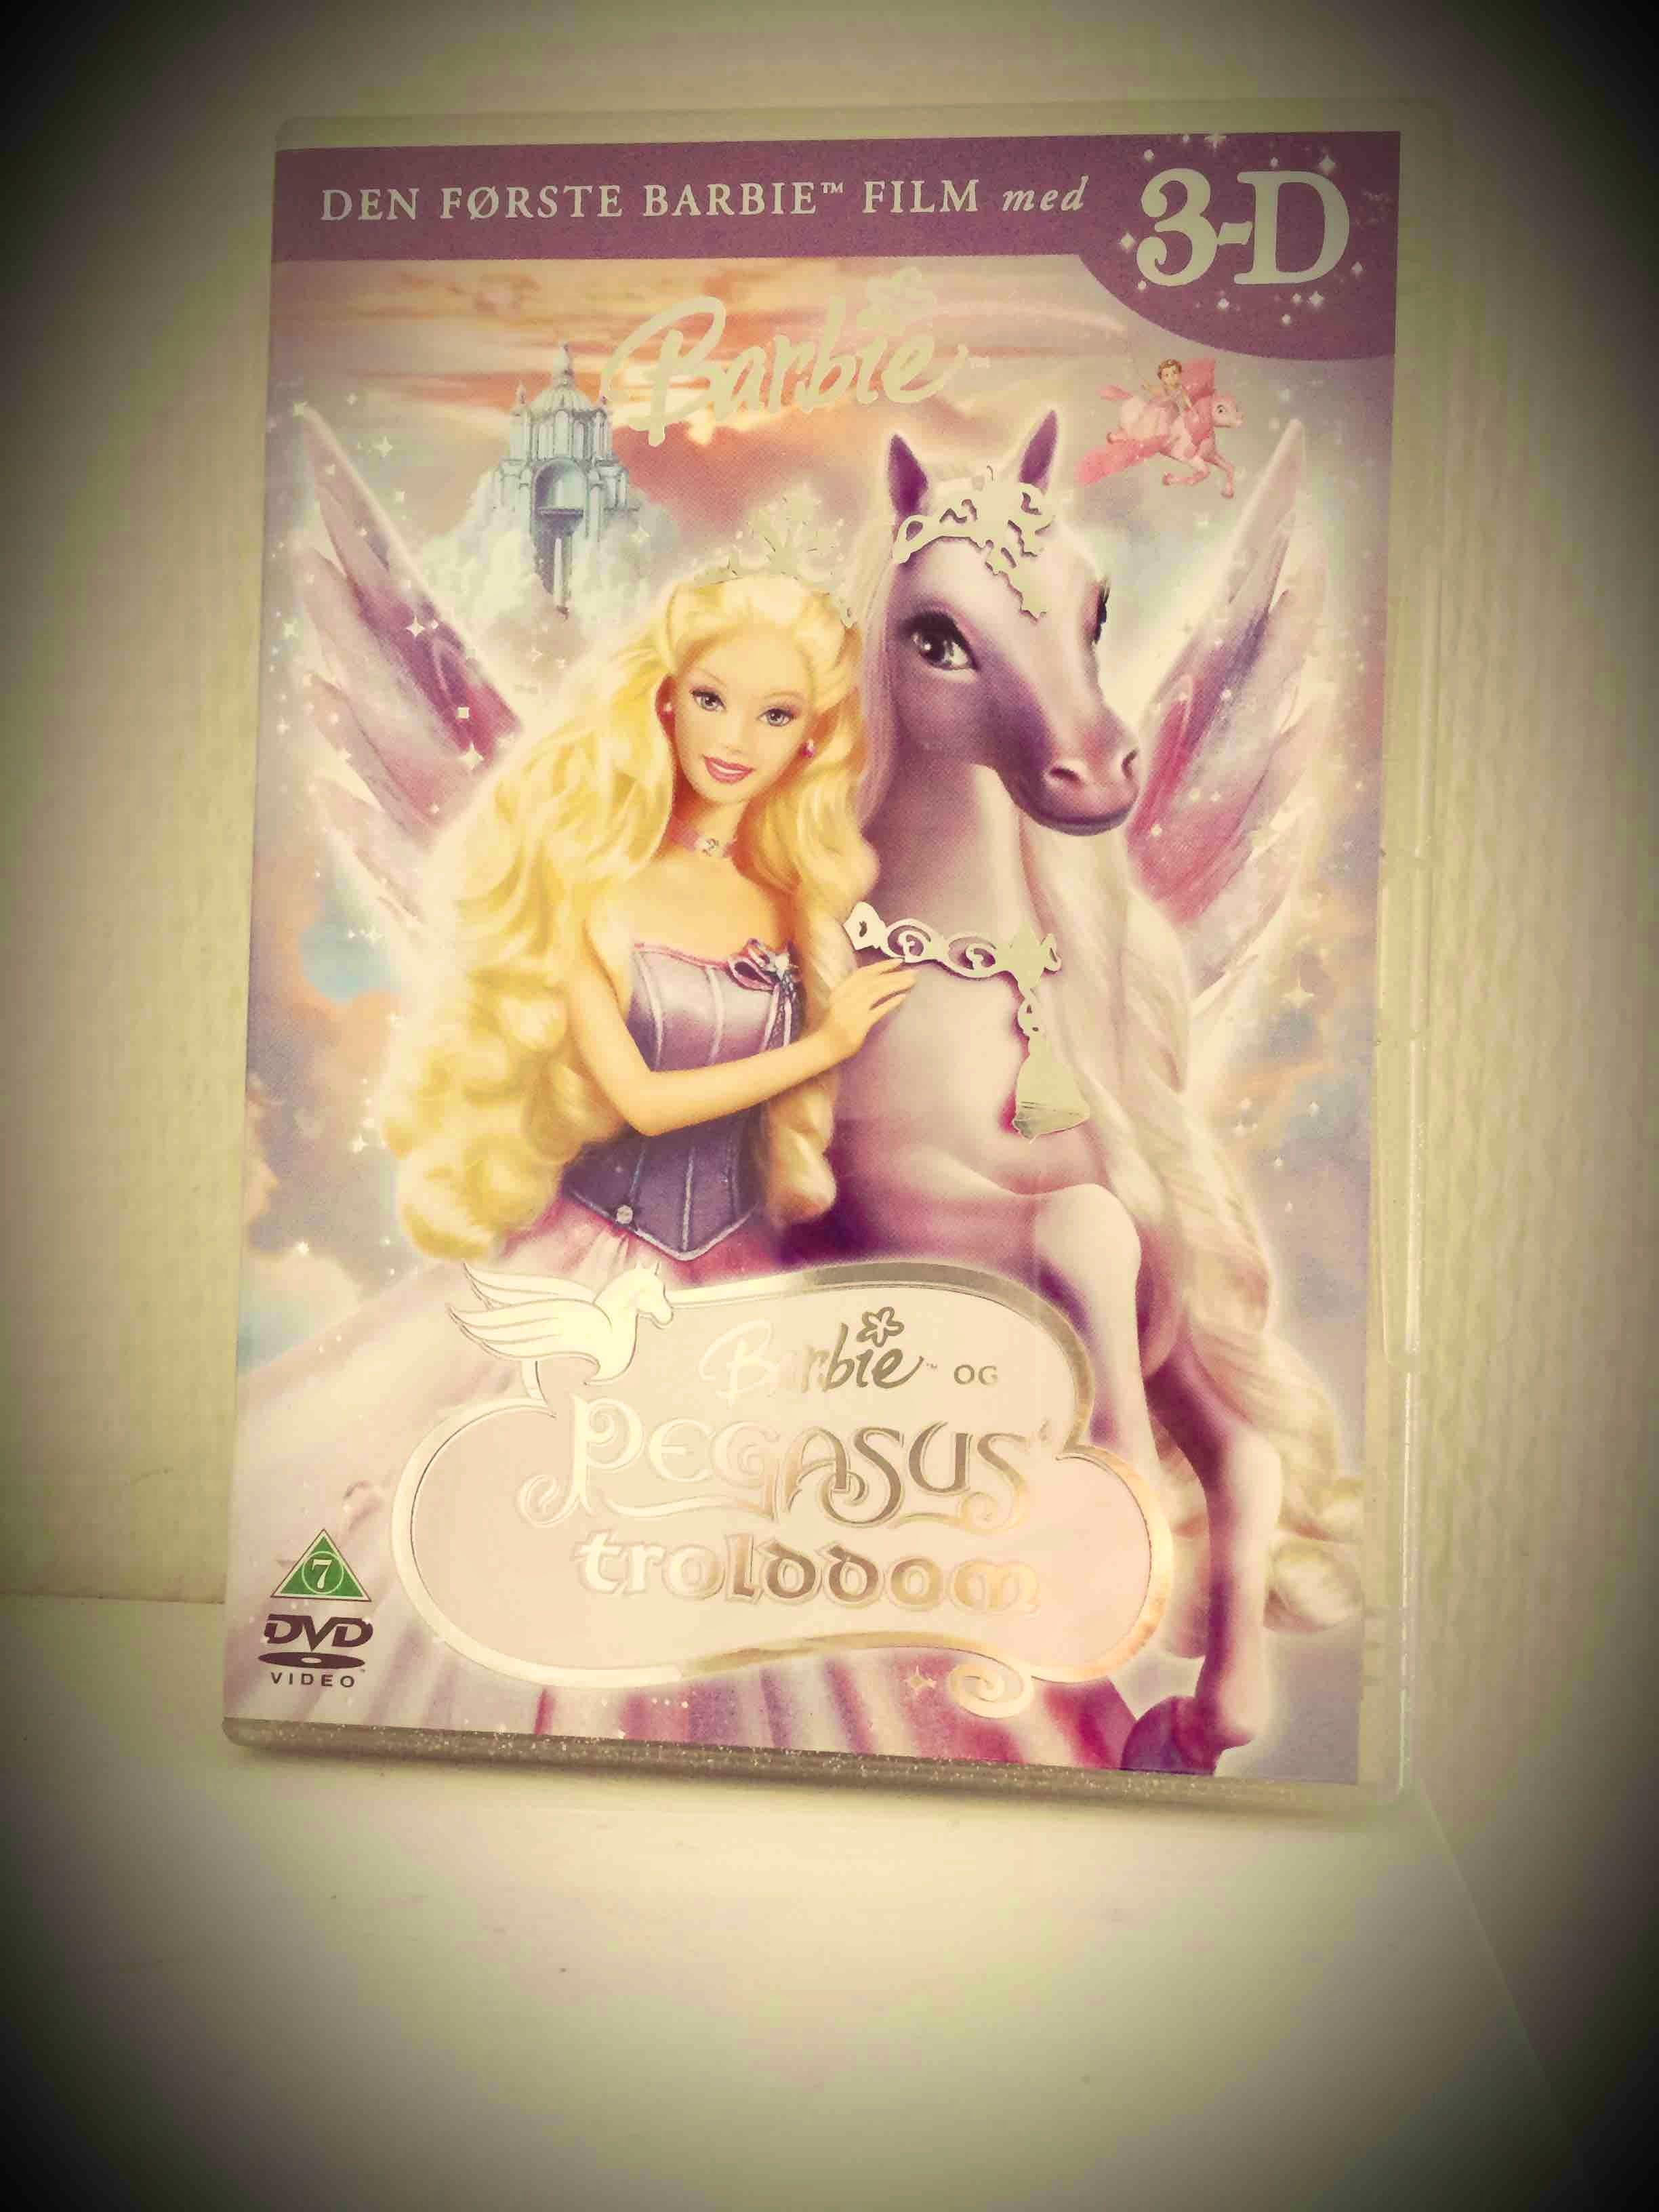 Dvd: Barbie og Pegasus trolddom 3D